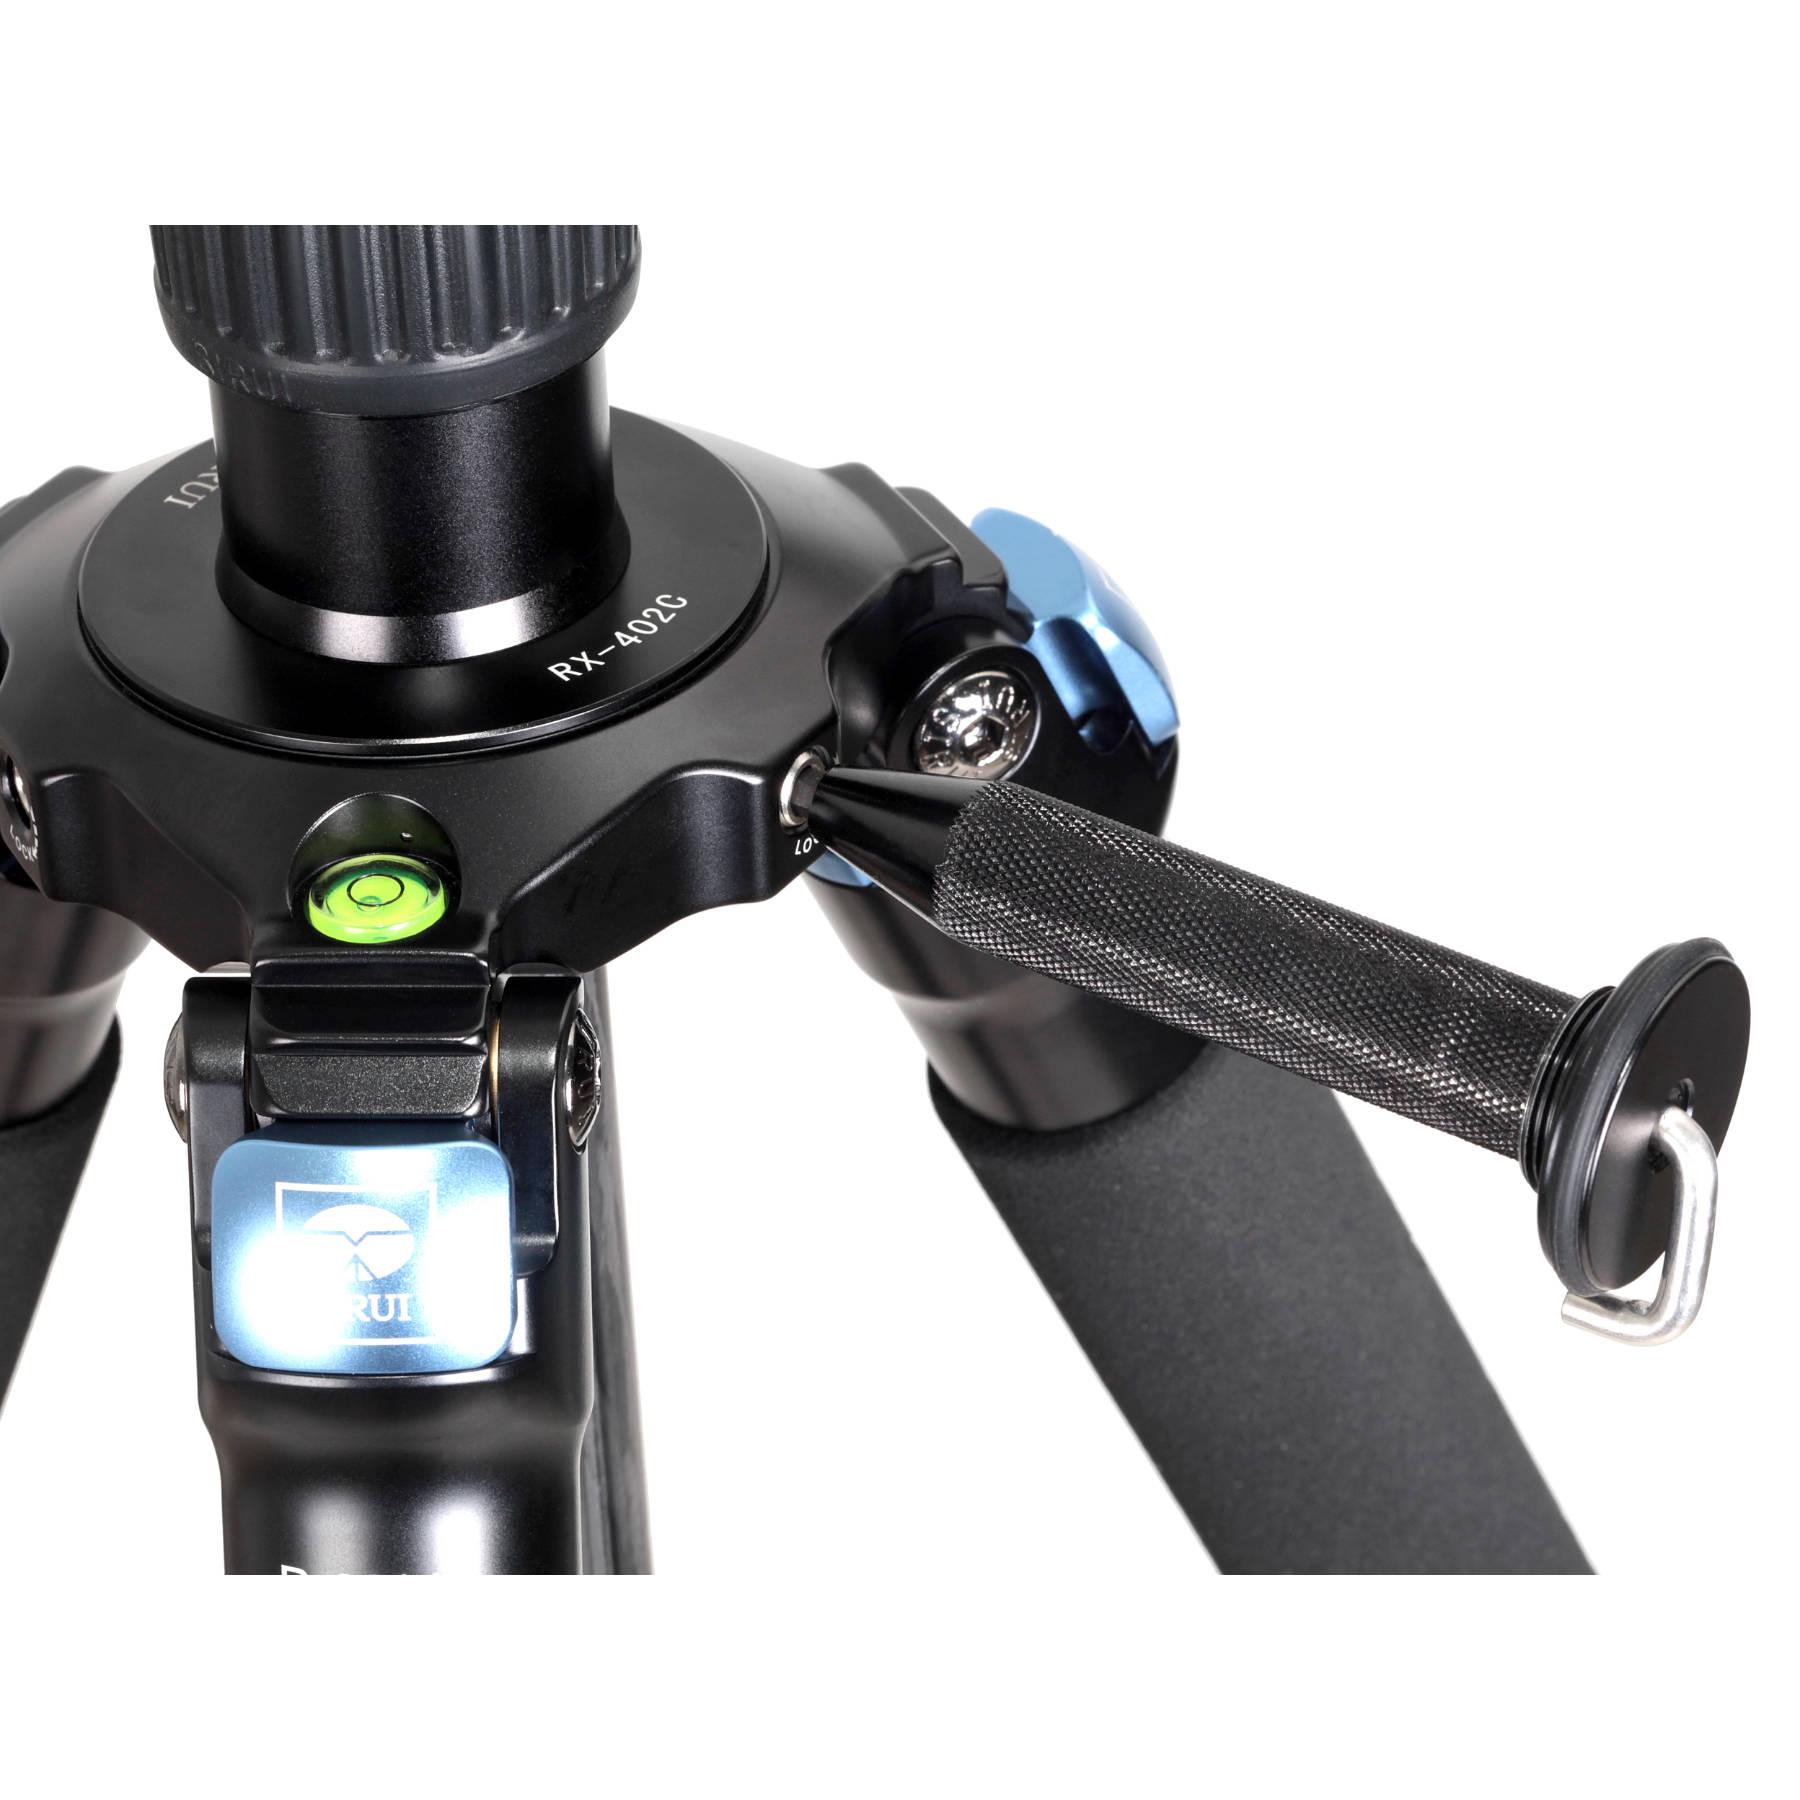 Sirui Pro Tripod R-3213X Carbon Fiber Professional Tripod